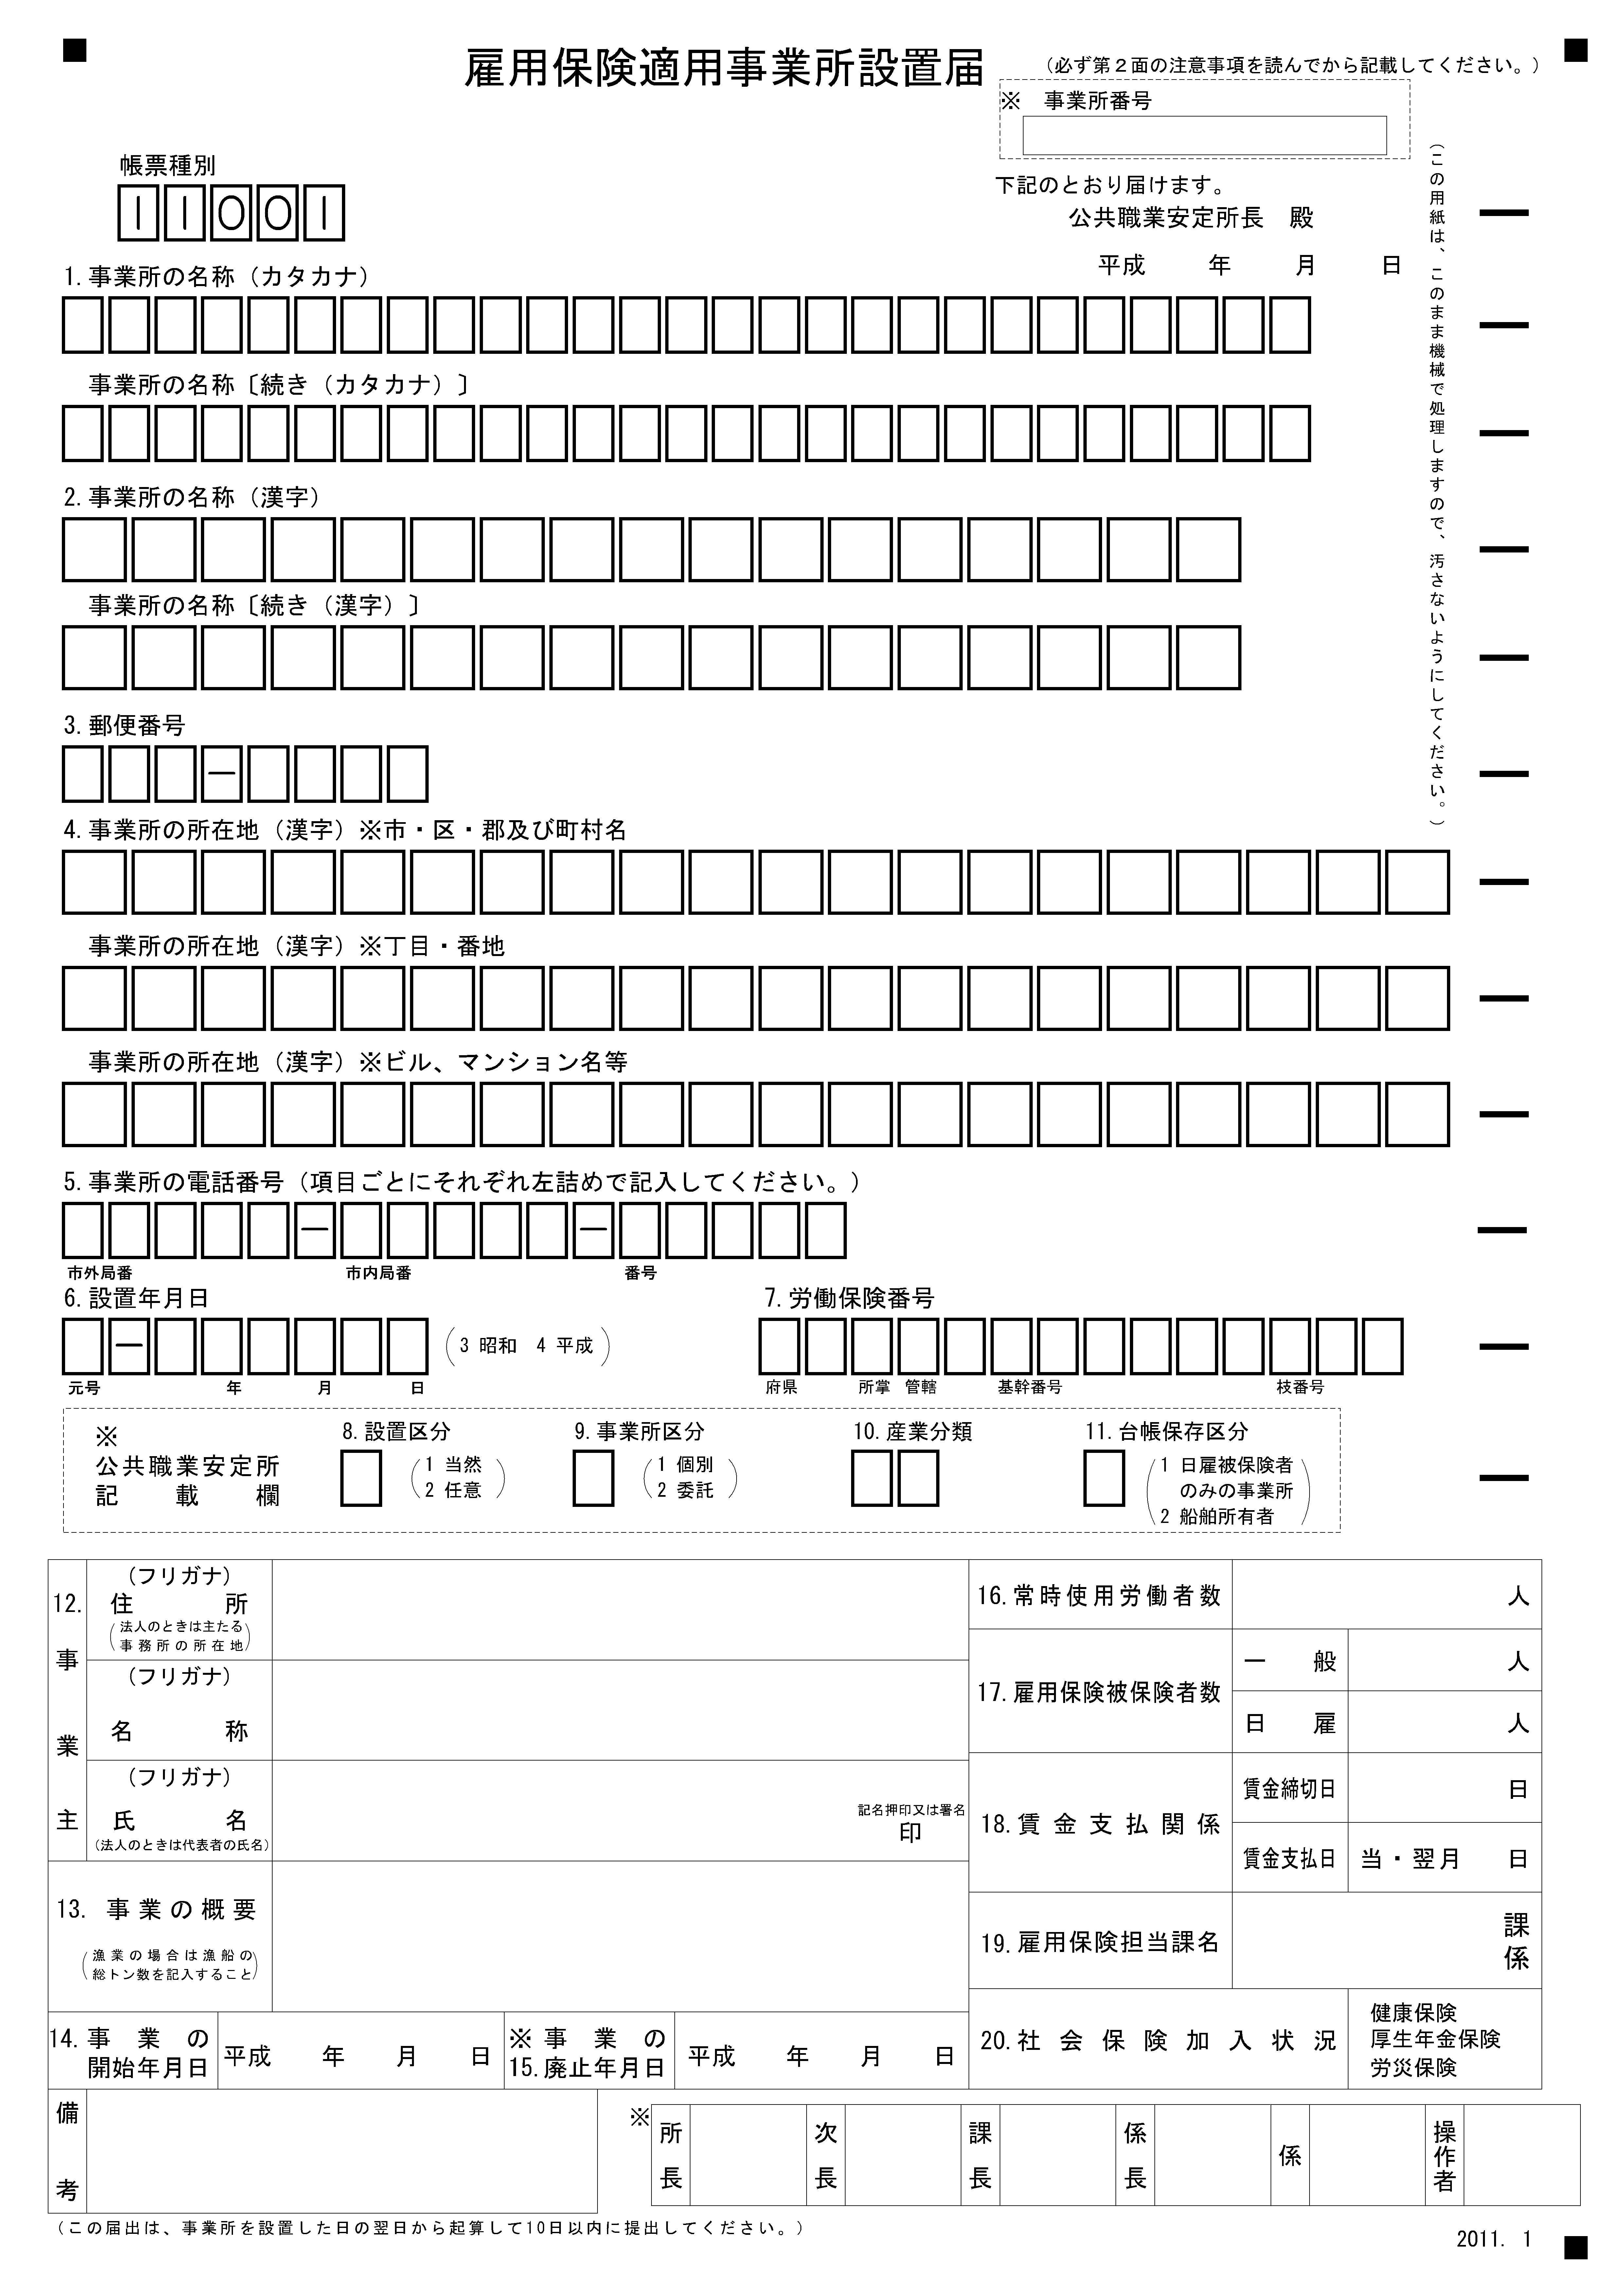 雇用保険適用事業所設置届-1.jpg